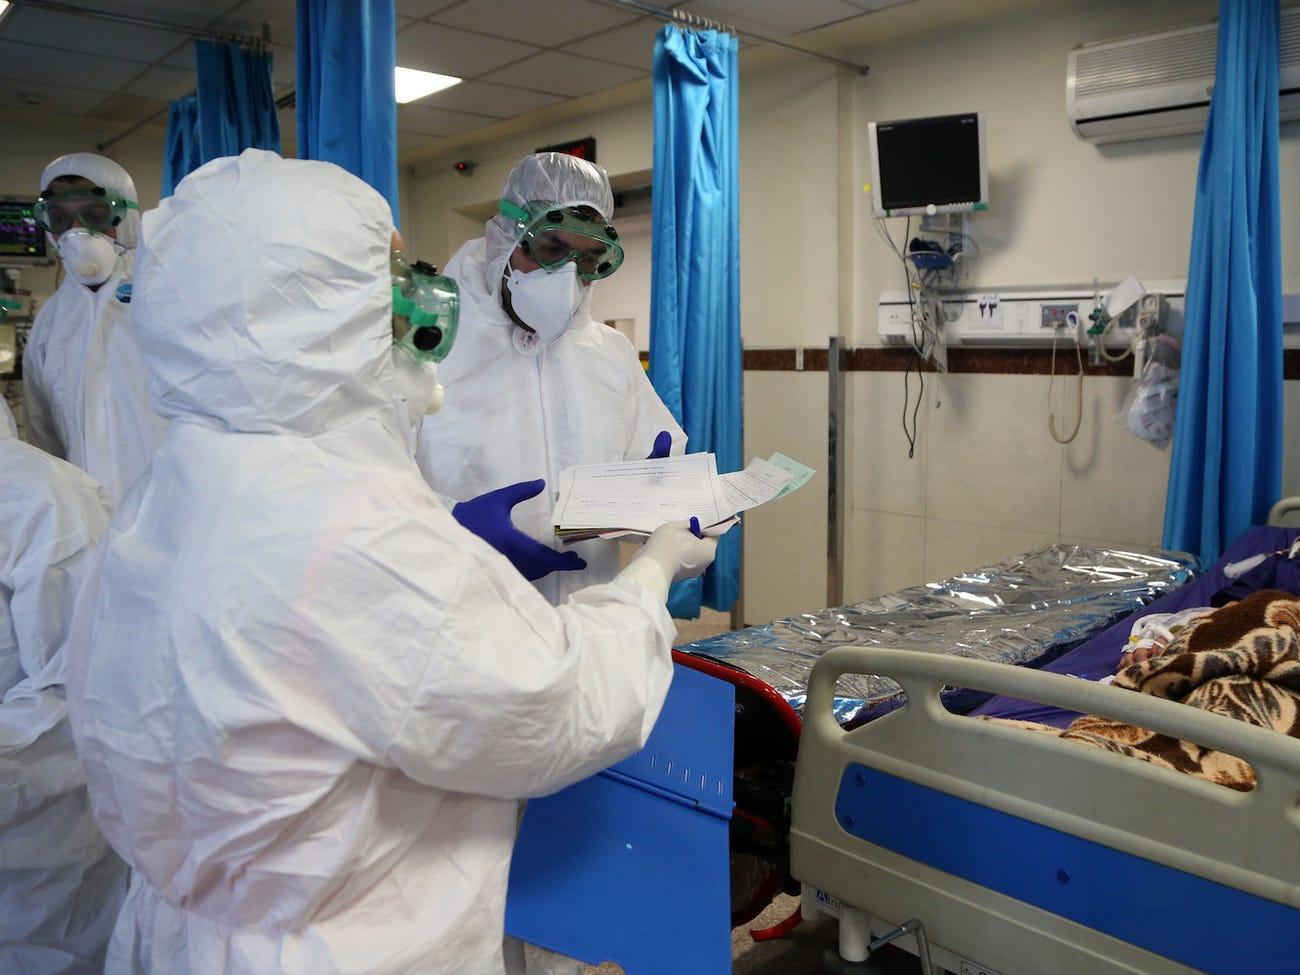 پزشکان بیش از ده ها بیمار آمریکایی مبتلا به ویروس کرونا را با داروی معروف به Remdesivir که یک آنتی ویروس تجربی می باشد درمان کردند.